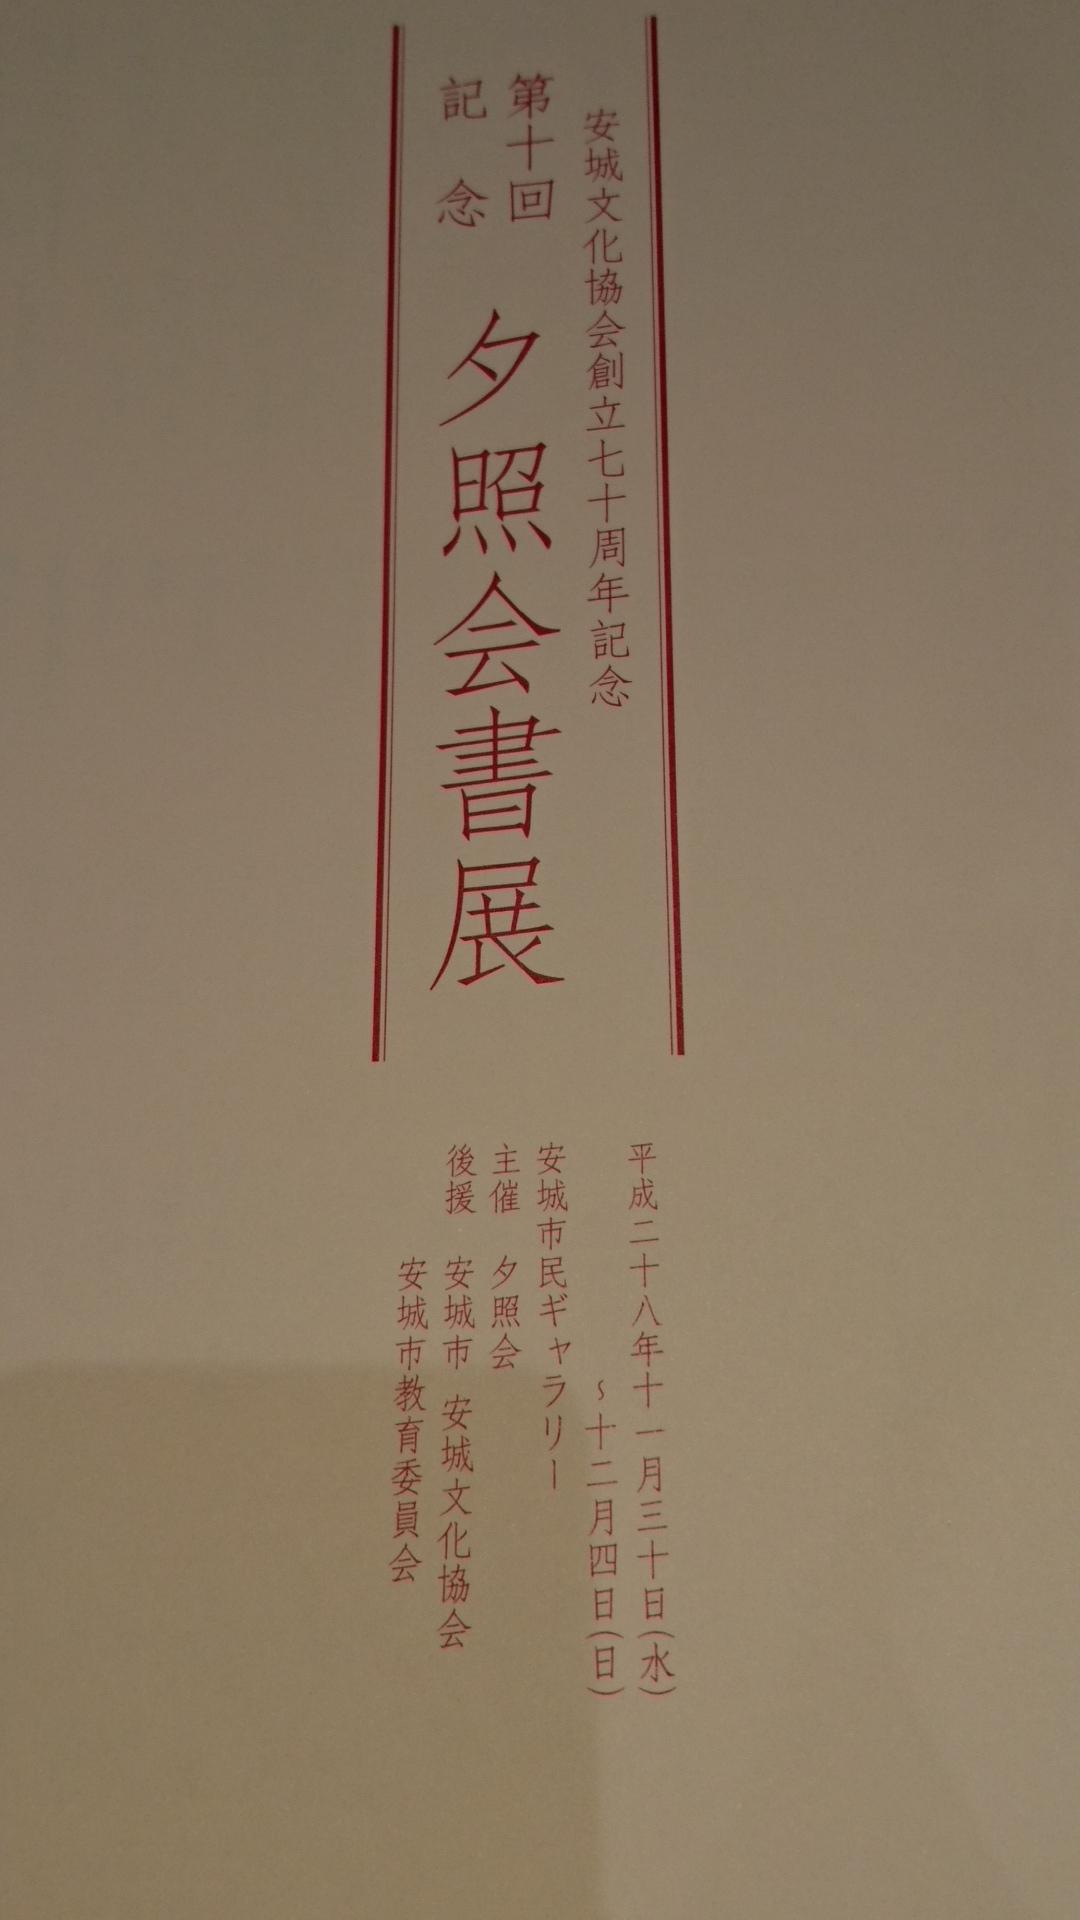 2016.12.3 夕照会書展 (7) 表紙